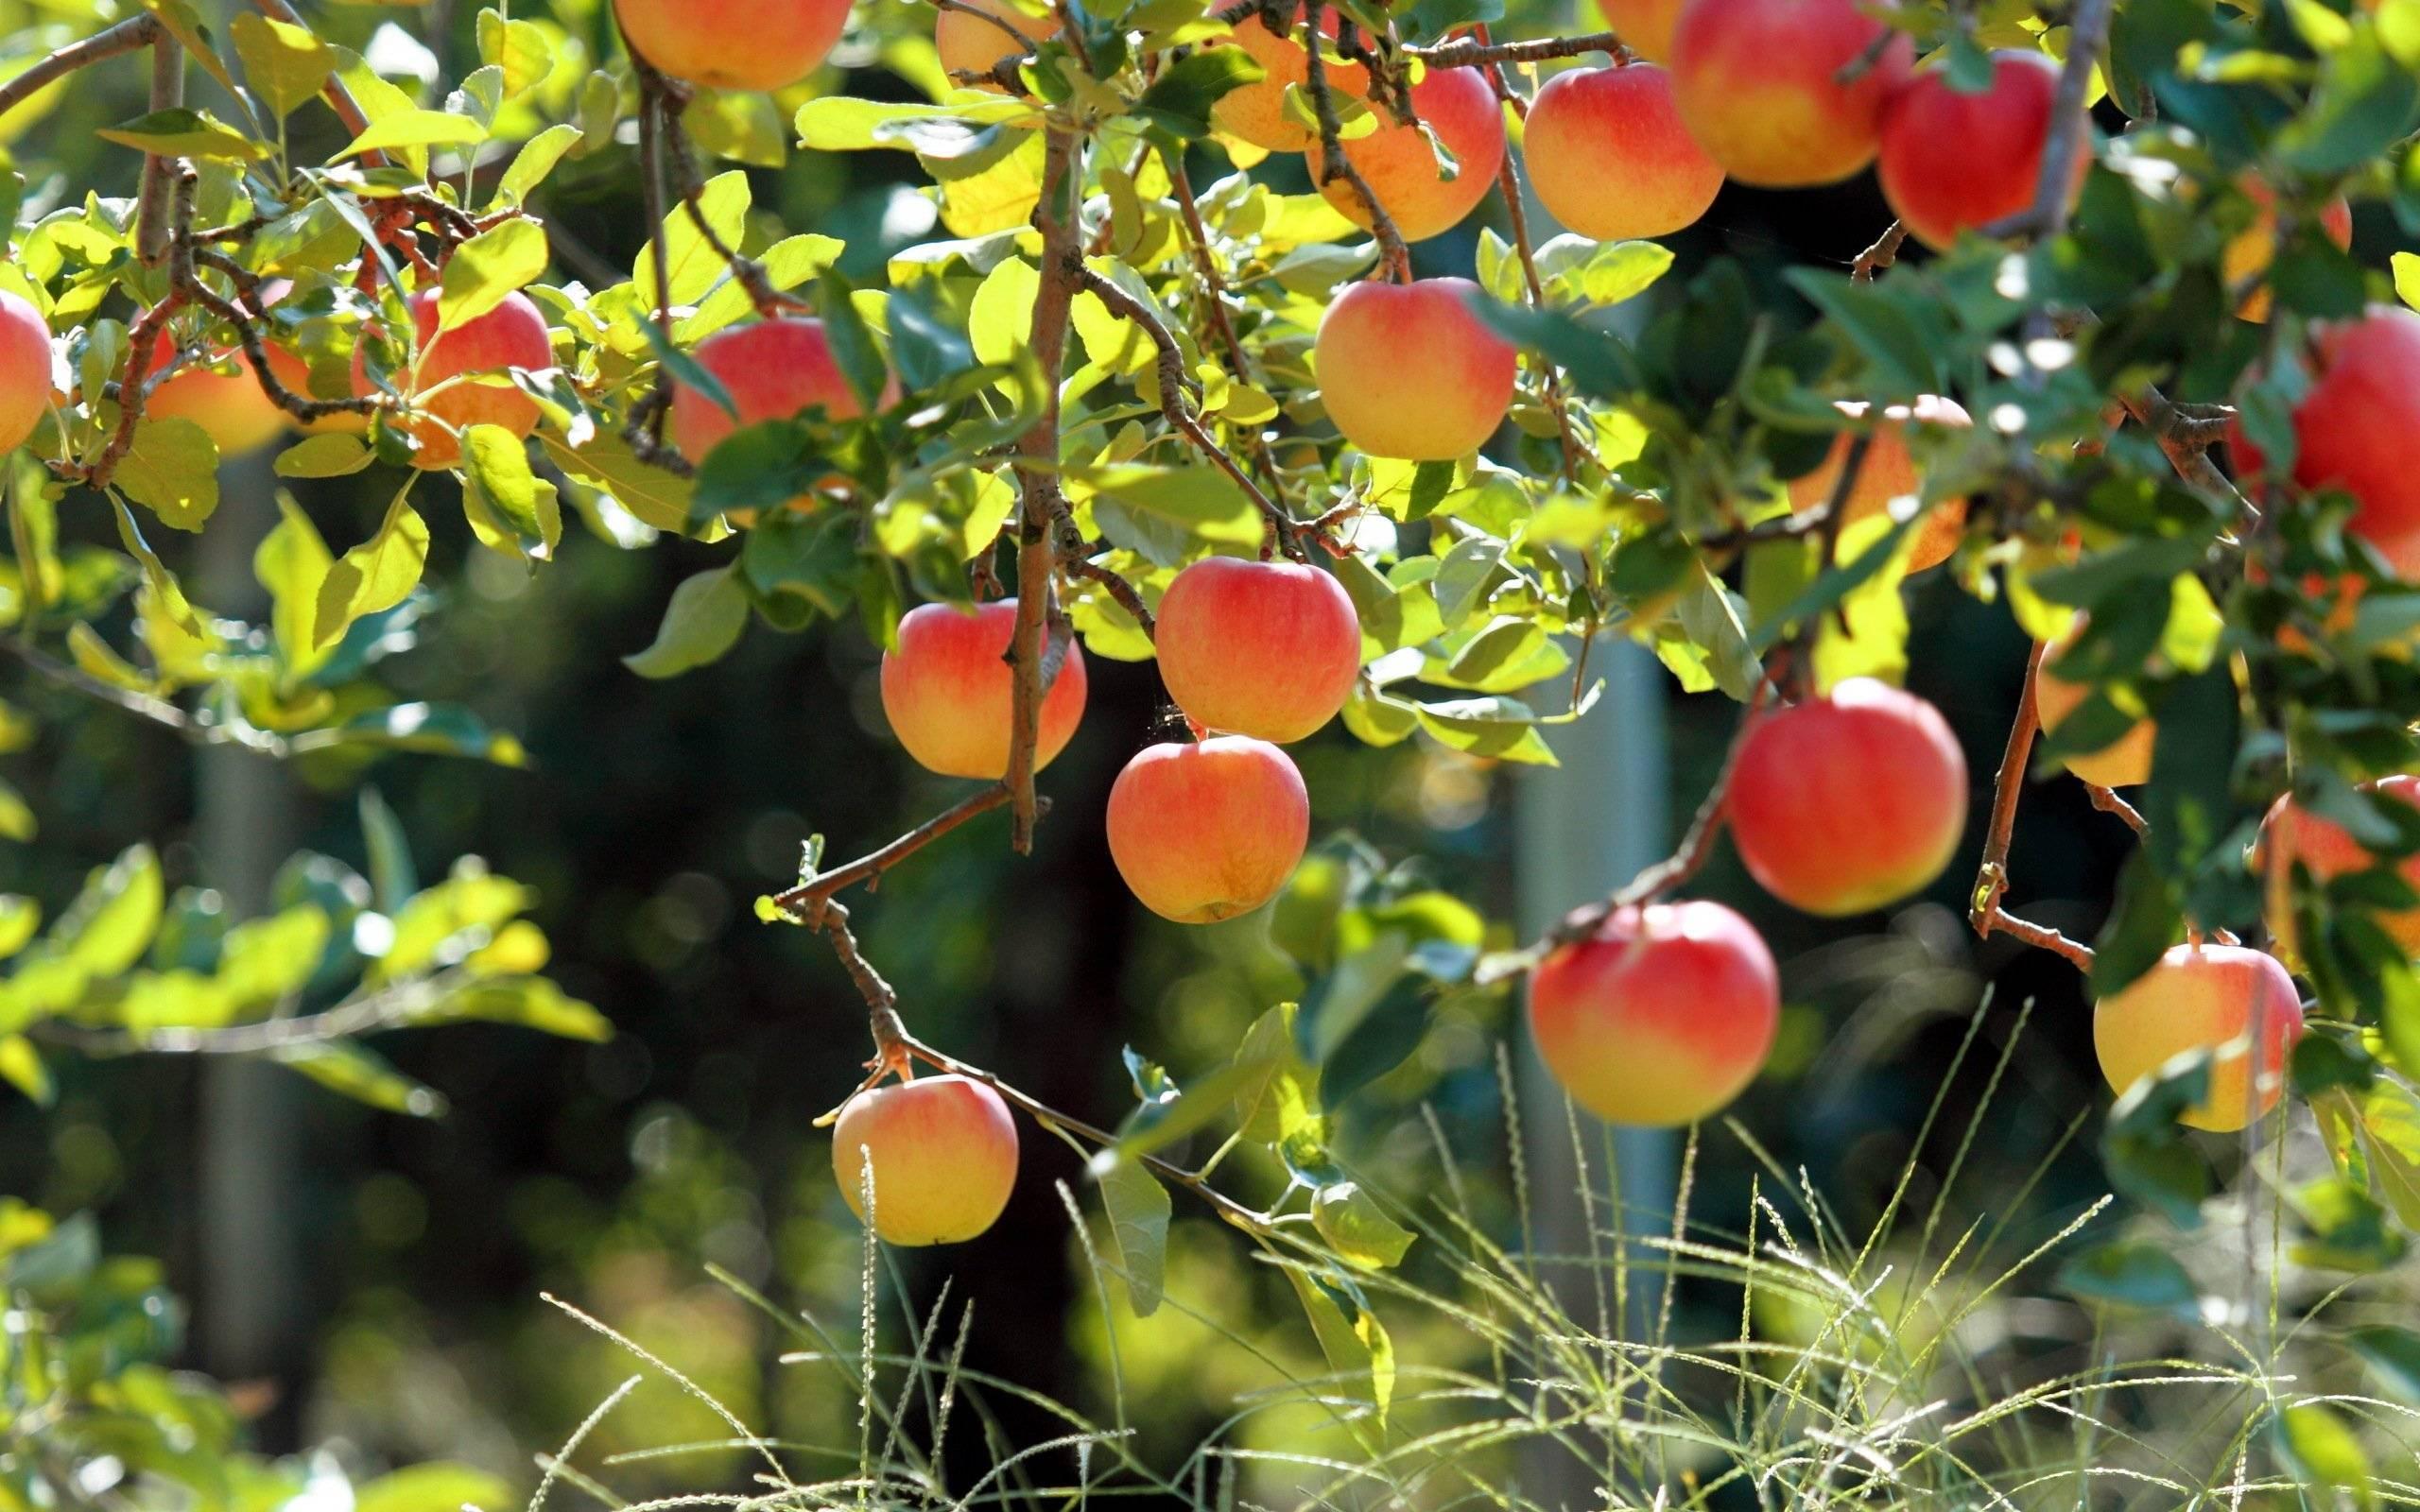 Парша на яблоне и груше: меры борьбы, способы профилактики и лечения